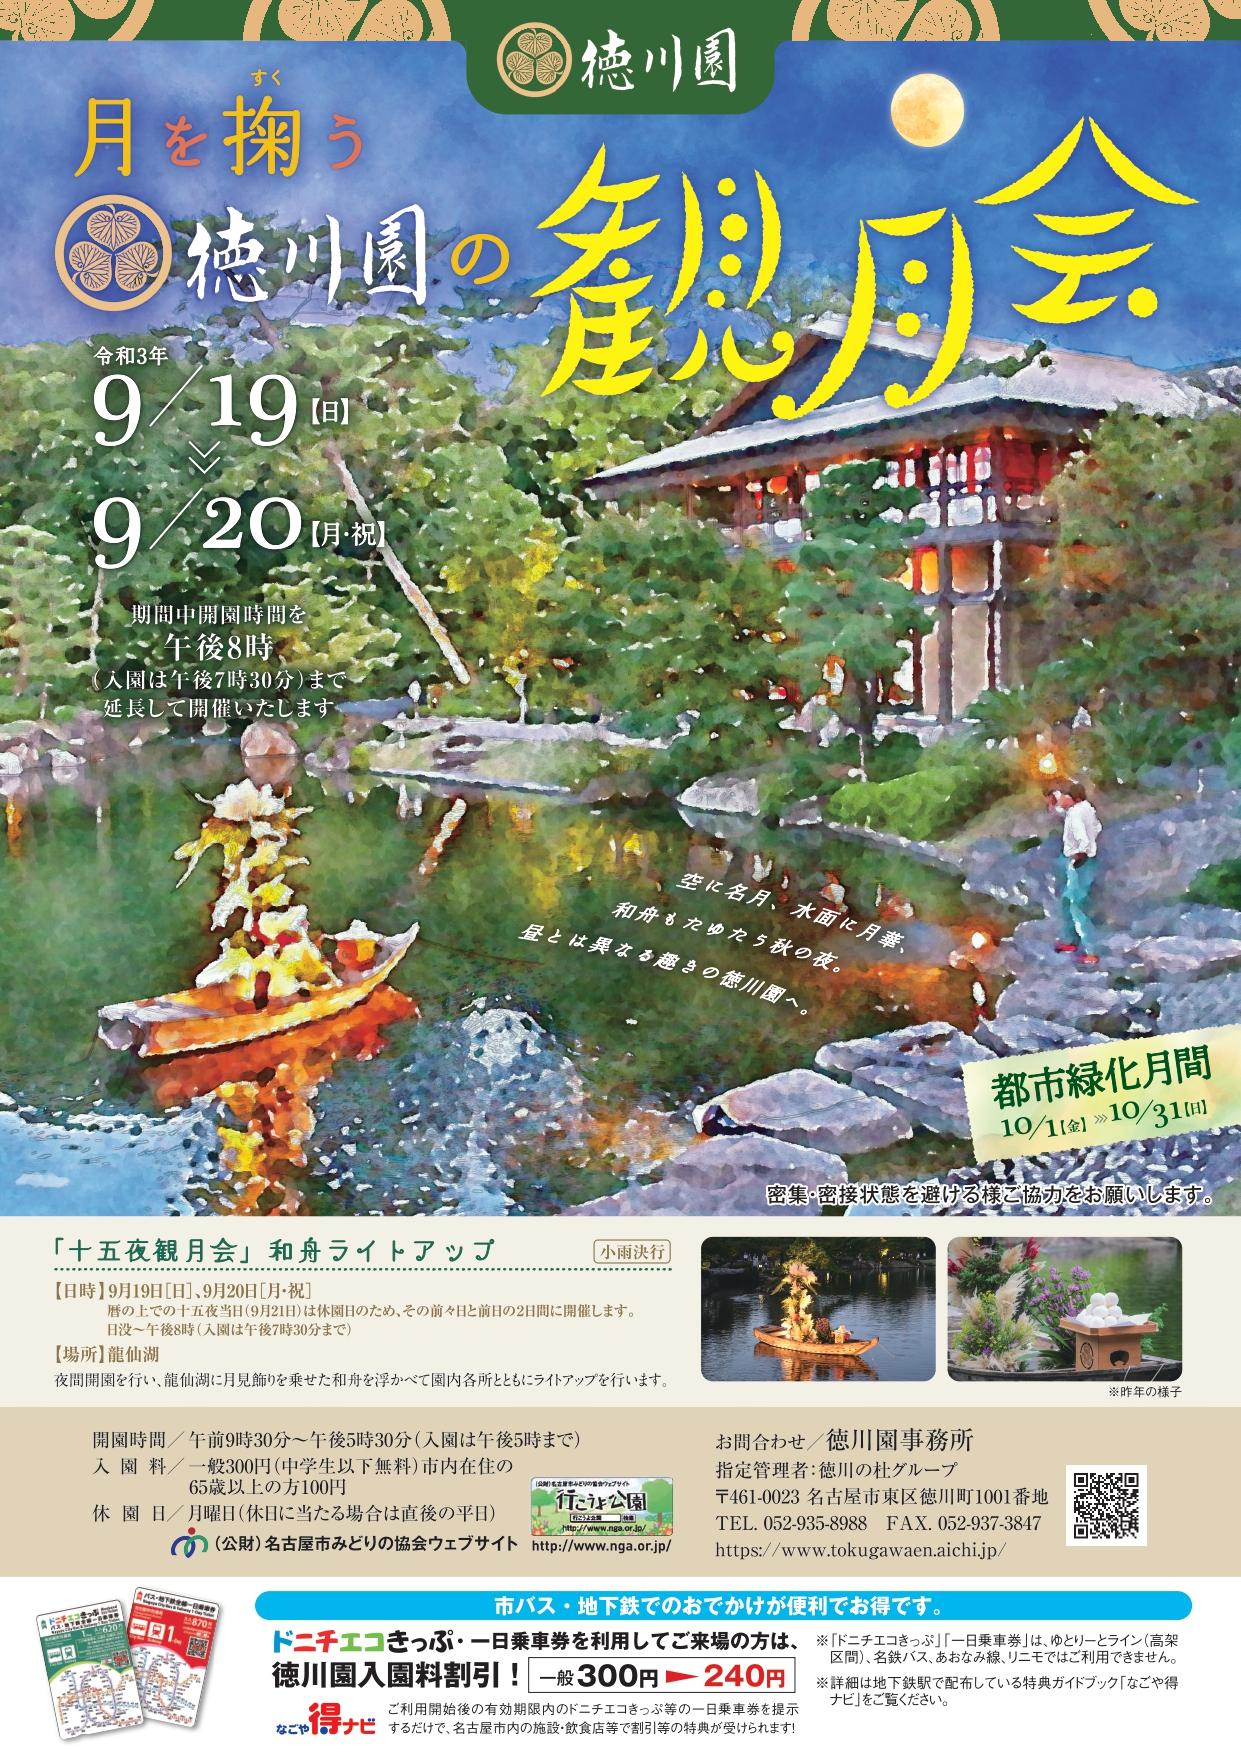 9/19-20 徳川園の観月会